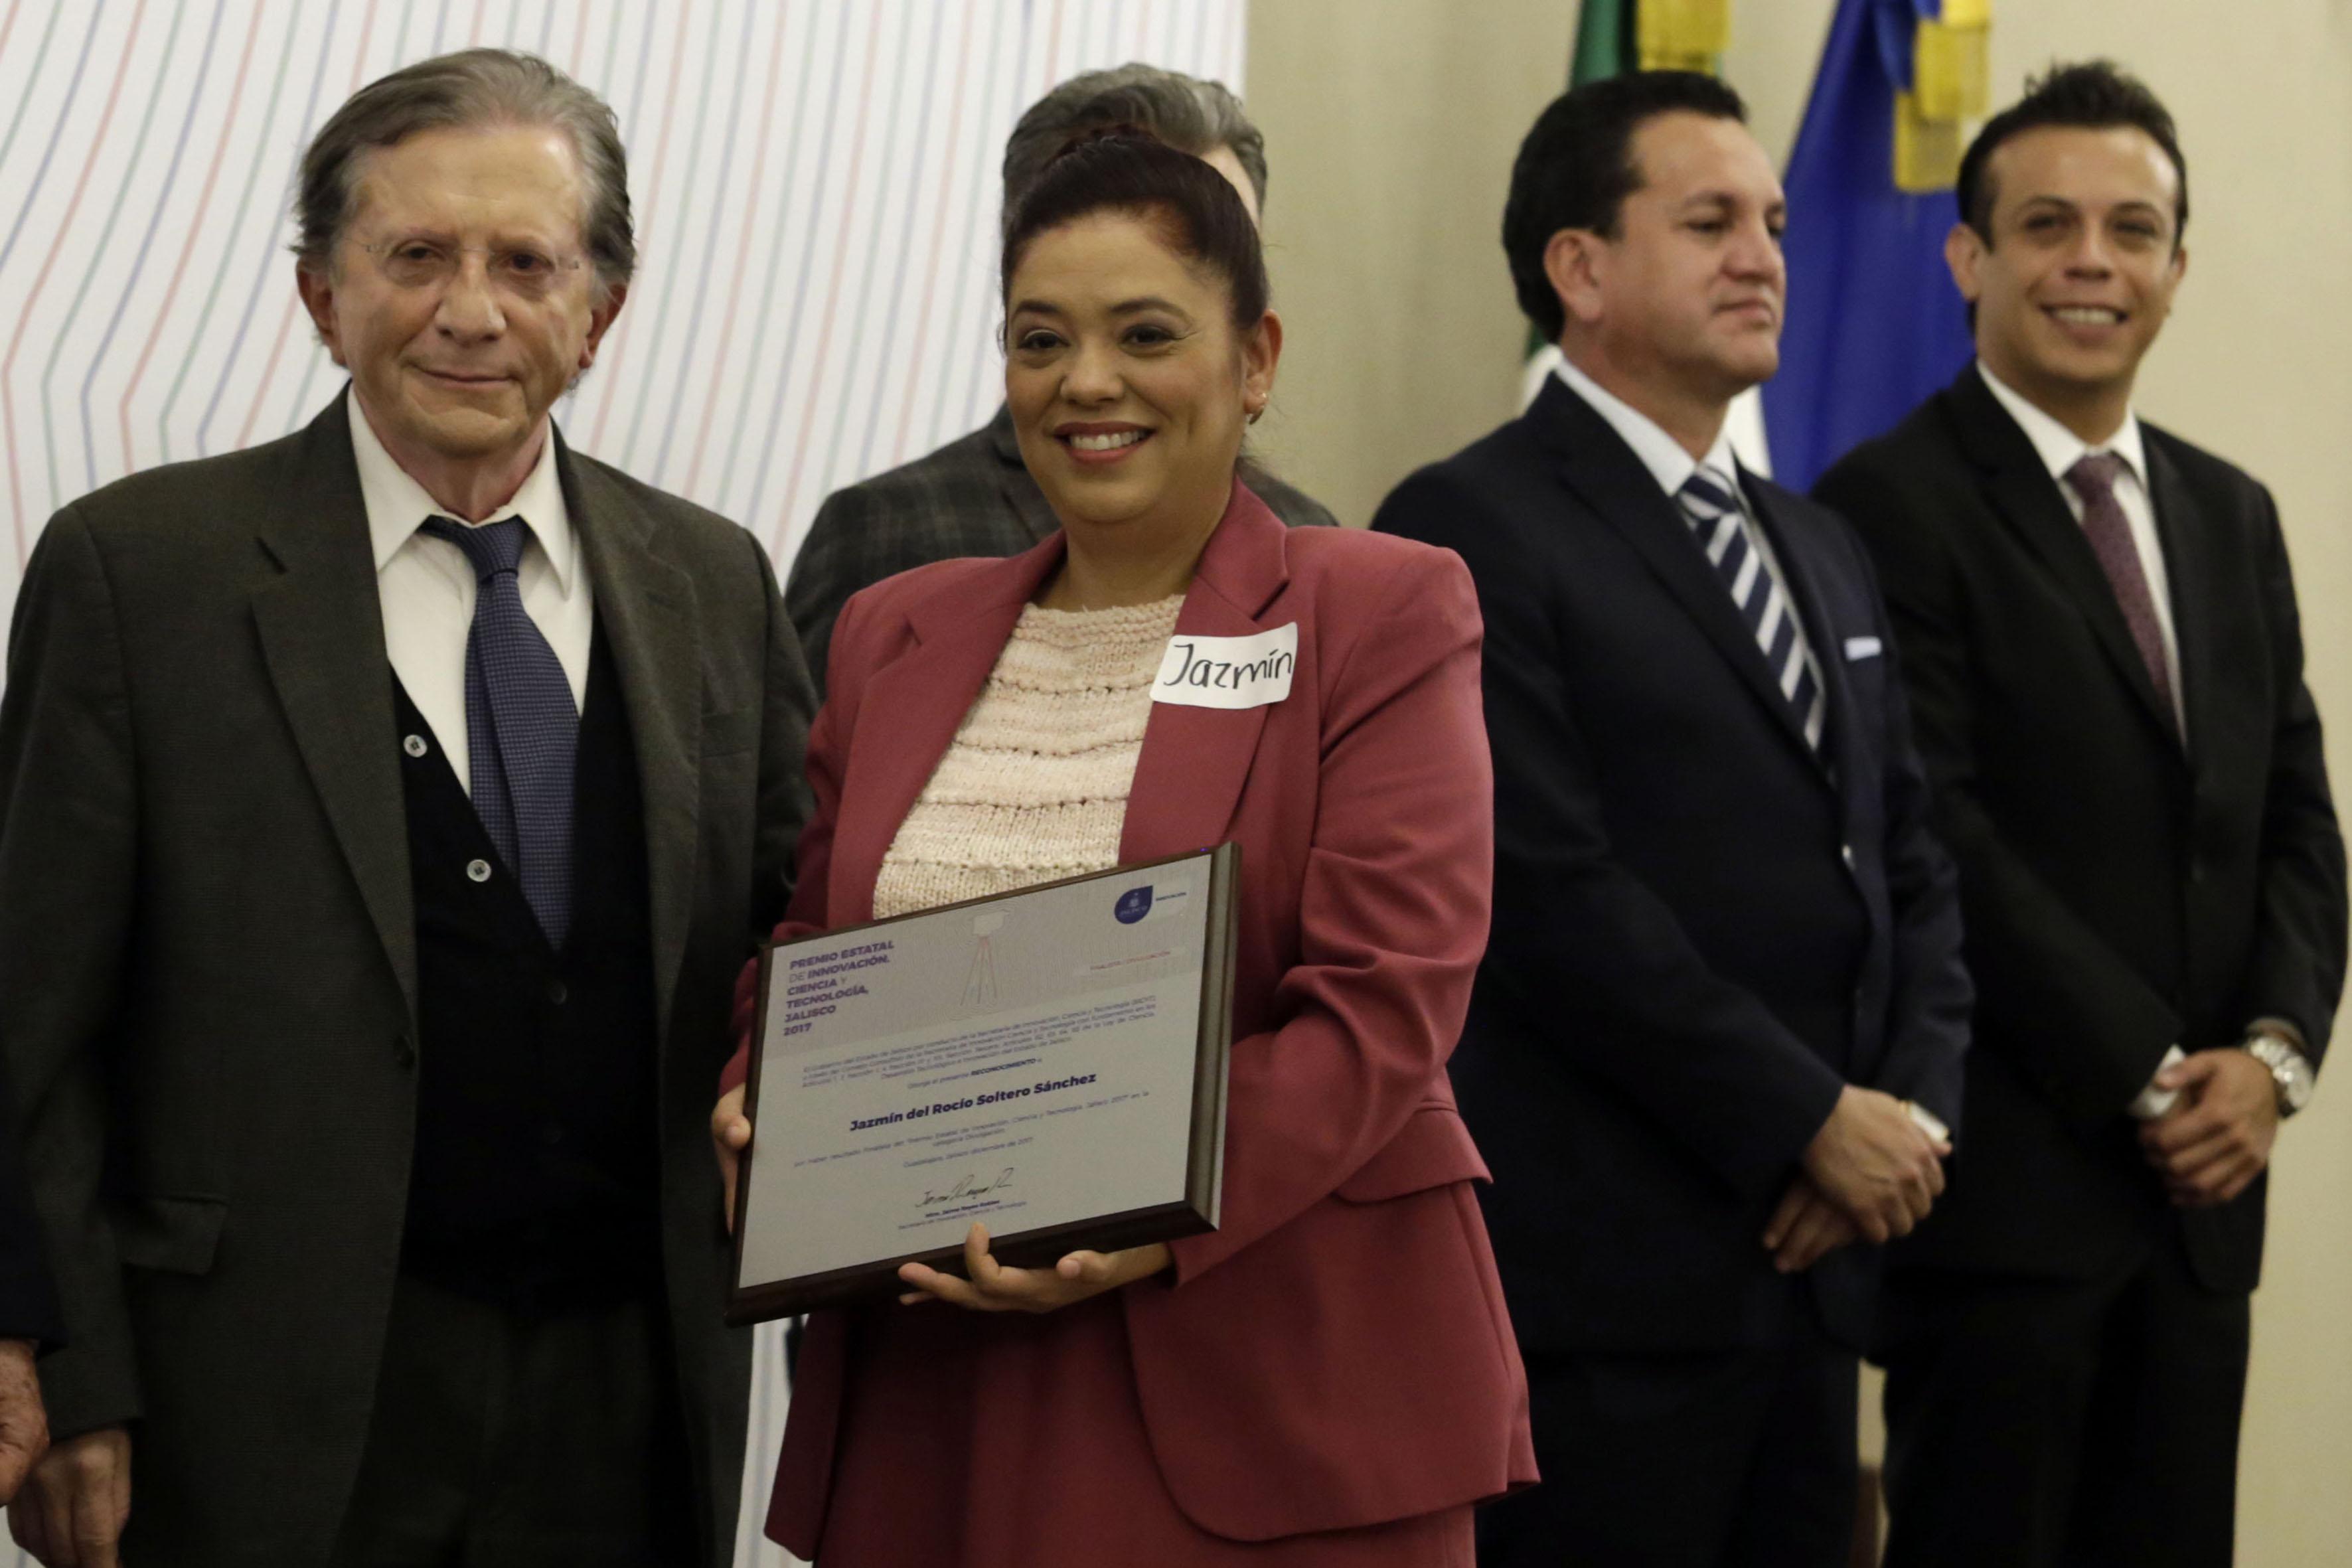 Titular de la Secretaría de Innovación, Ciencia y Tecnología de Jalisco (SICYT), maestro Jaime Reyes Robles, haciendo entrega de reconocimiento